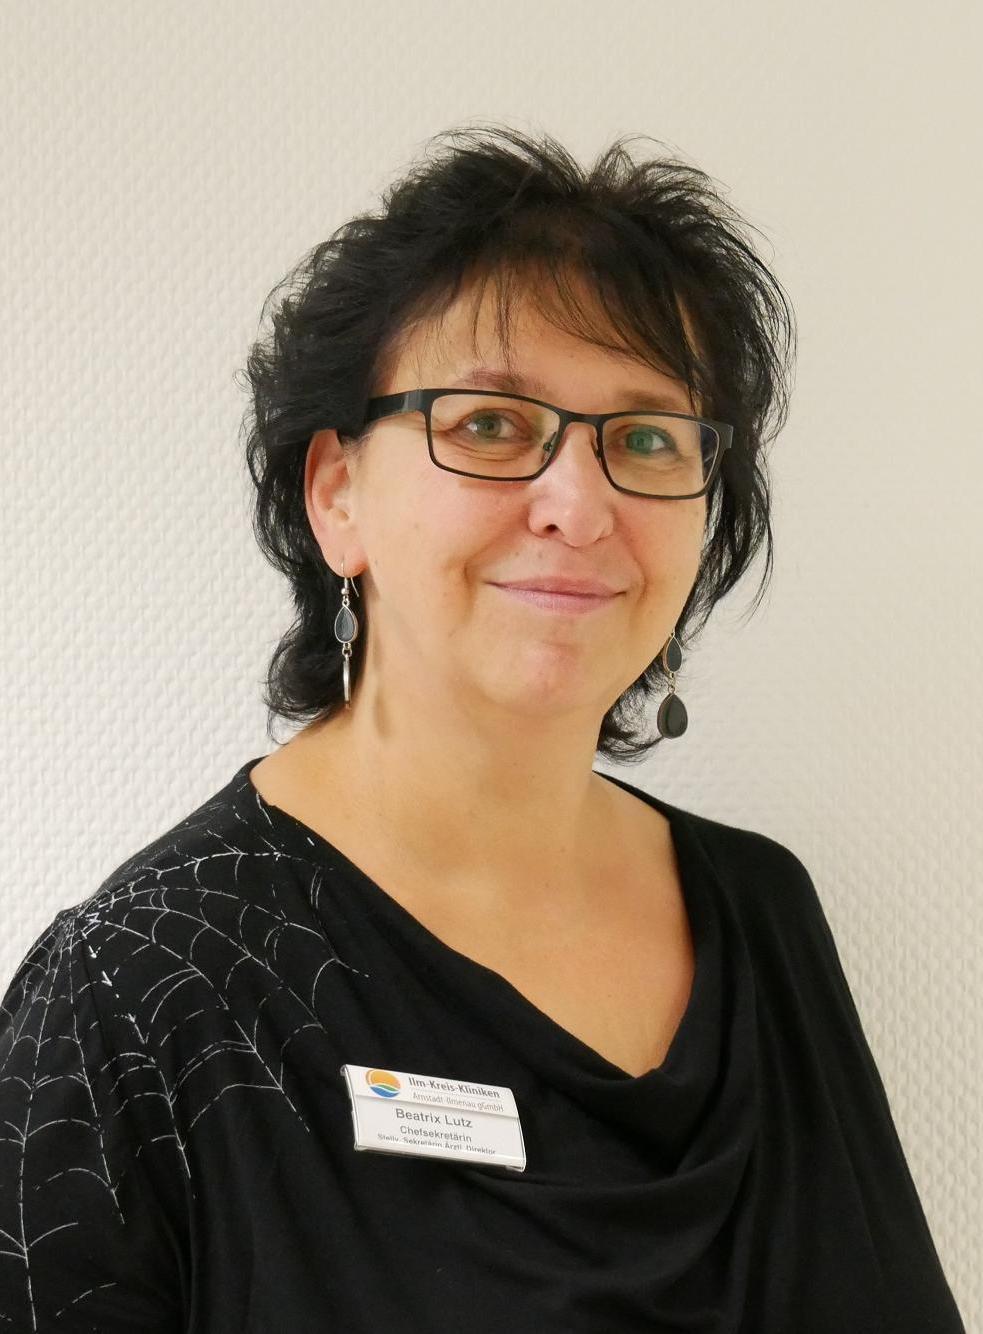 Beatrix Lutz